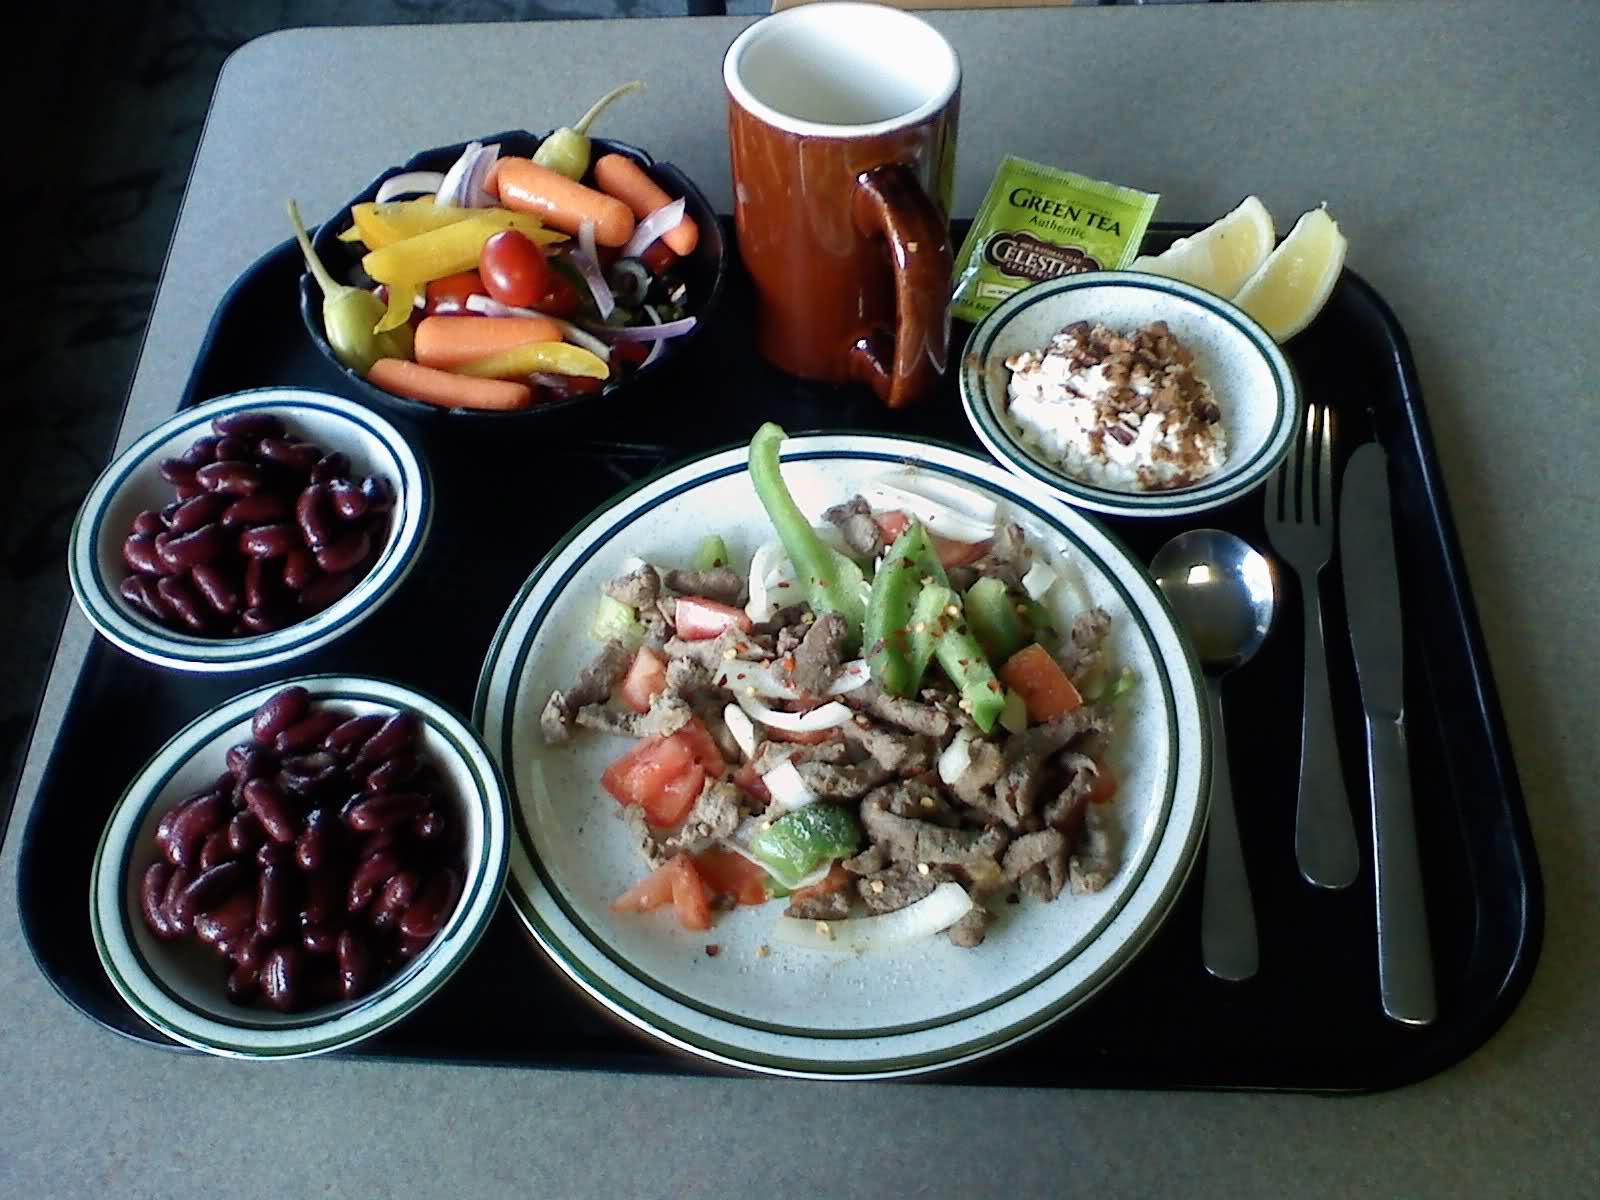 Lunes de dieta: ¡Volumen máximo!